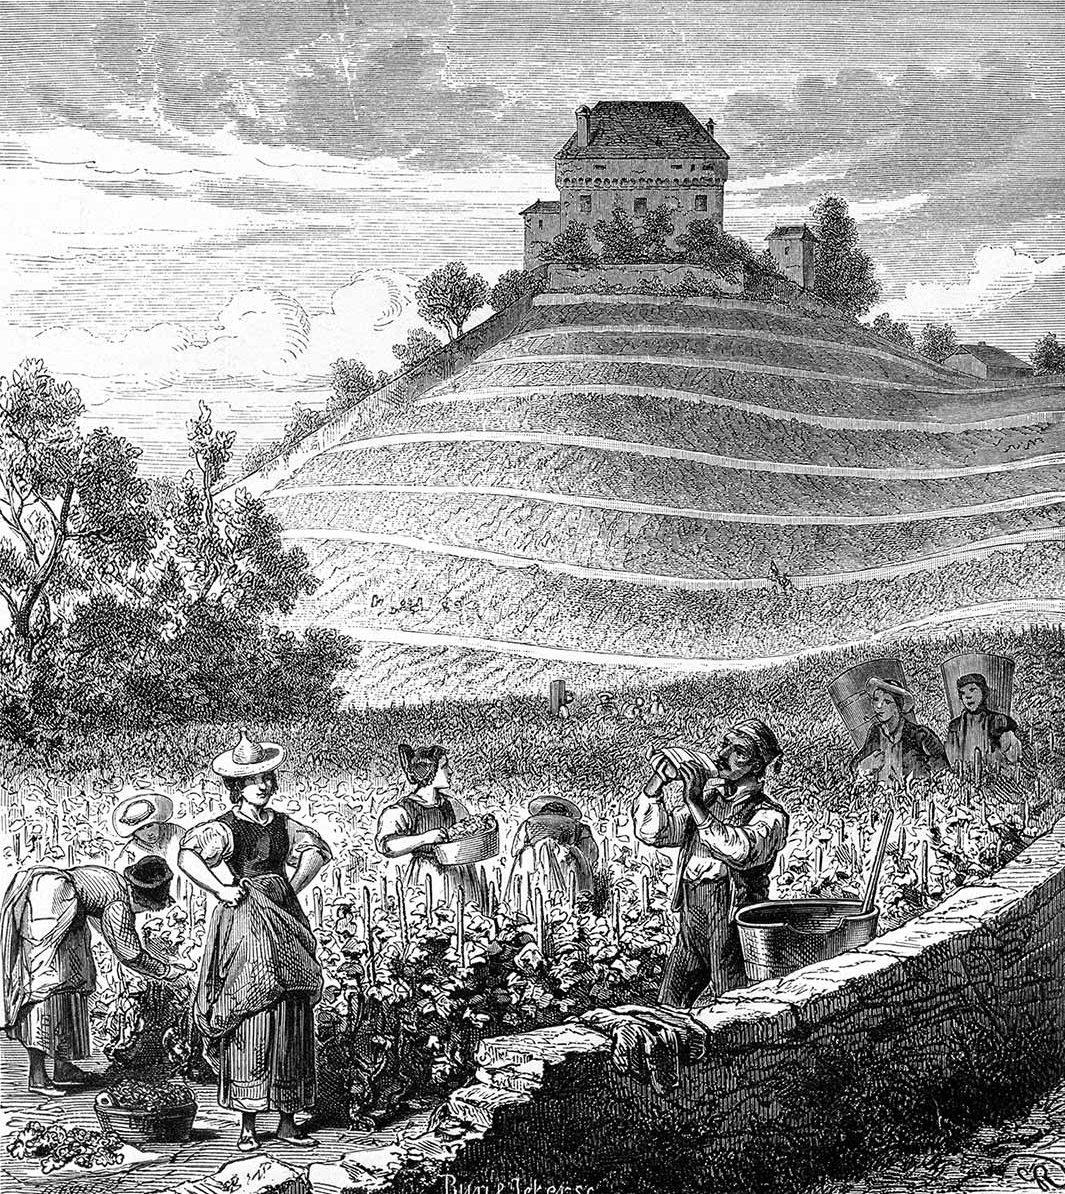 Vendanges aux pied du château de Châtelard près Clarens Par Gustave Roux, illustrateur, gravures sur bois par G. Perrichon et Buri & Jeker, 1869